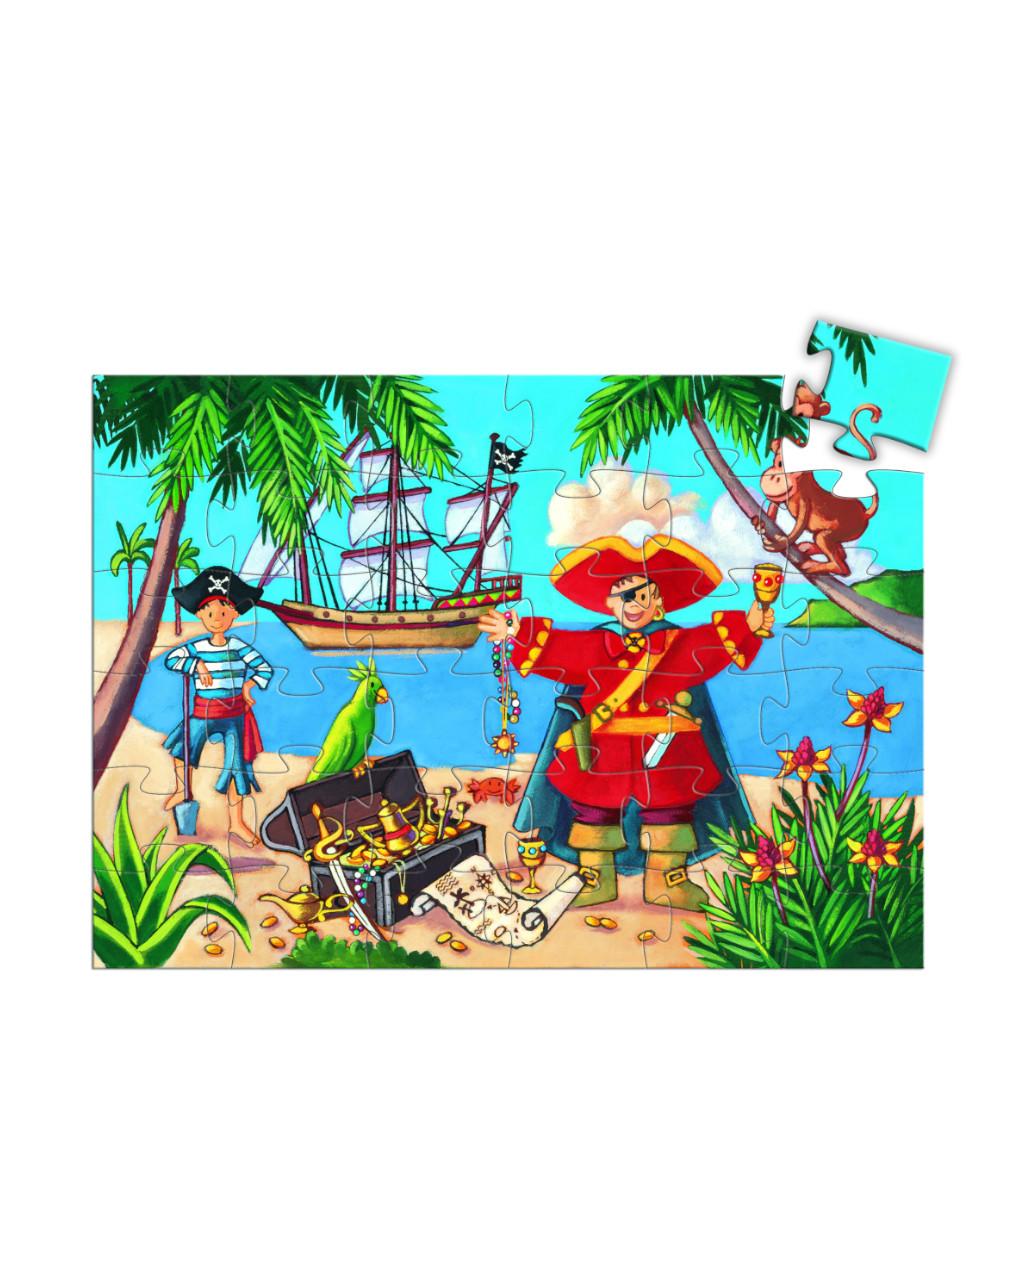 Djeco - o pirata e seu tesouro 36 pcs - quebra-cabeça sagomato - Djeco